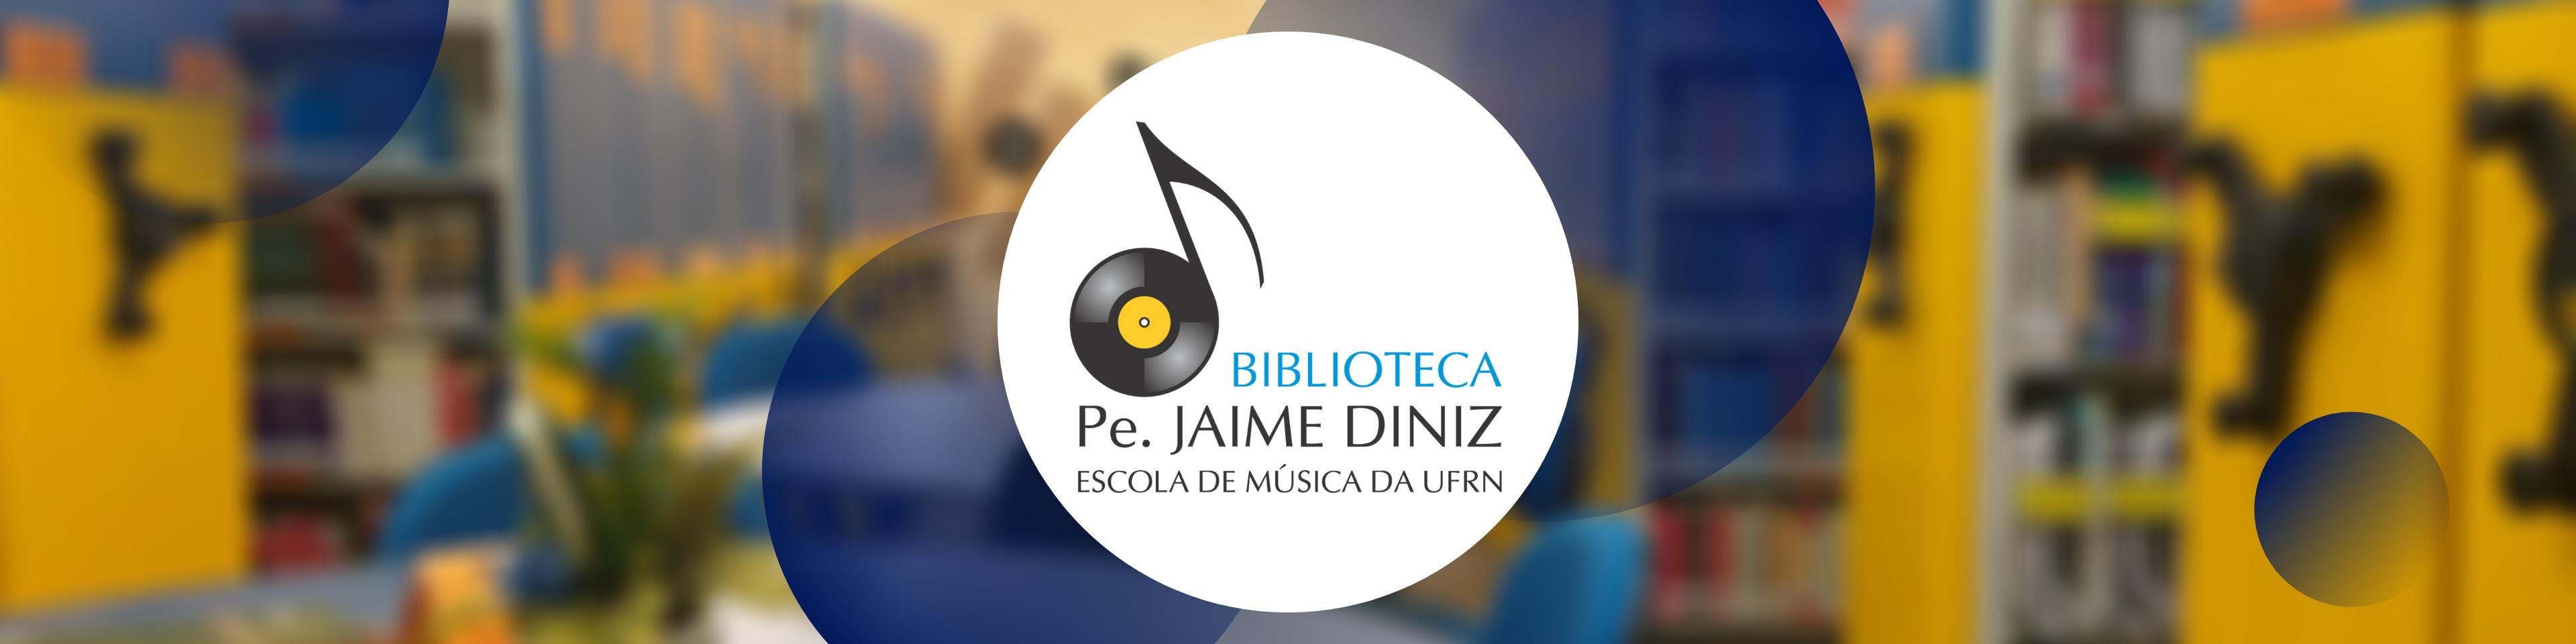 Biblioteca Pe. Jaime Diniz - Escola de Música da Universidade Federal do Rio Grande do Norte